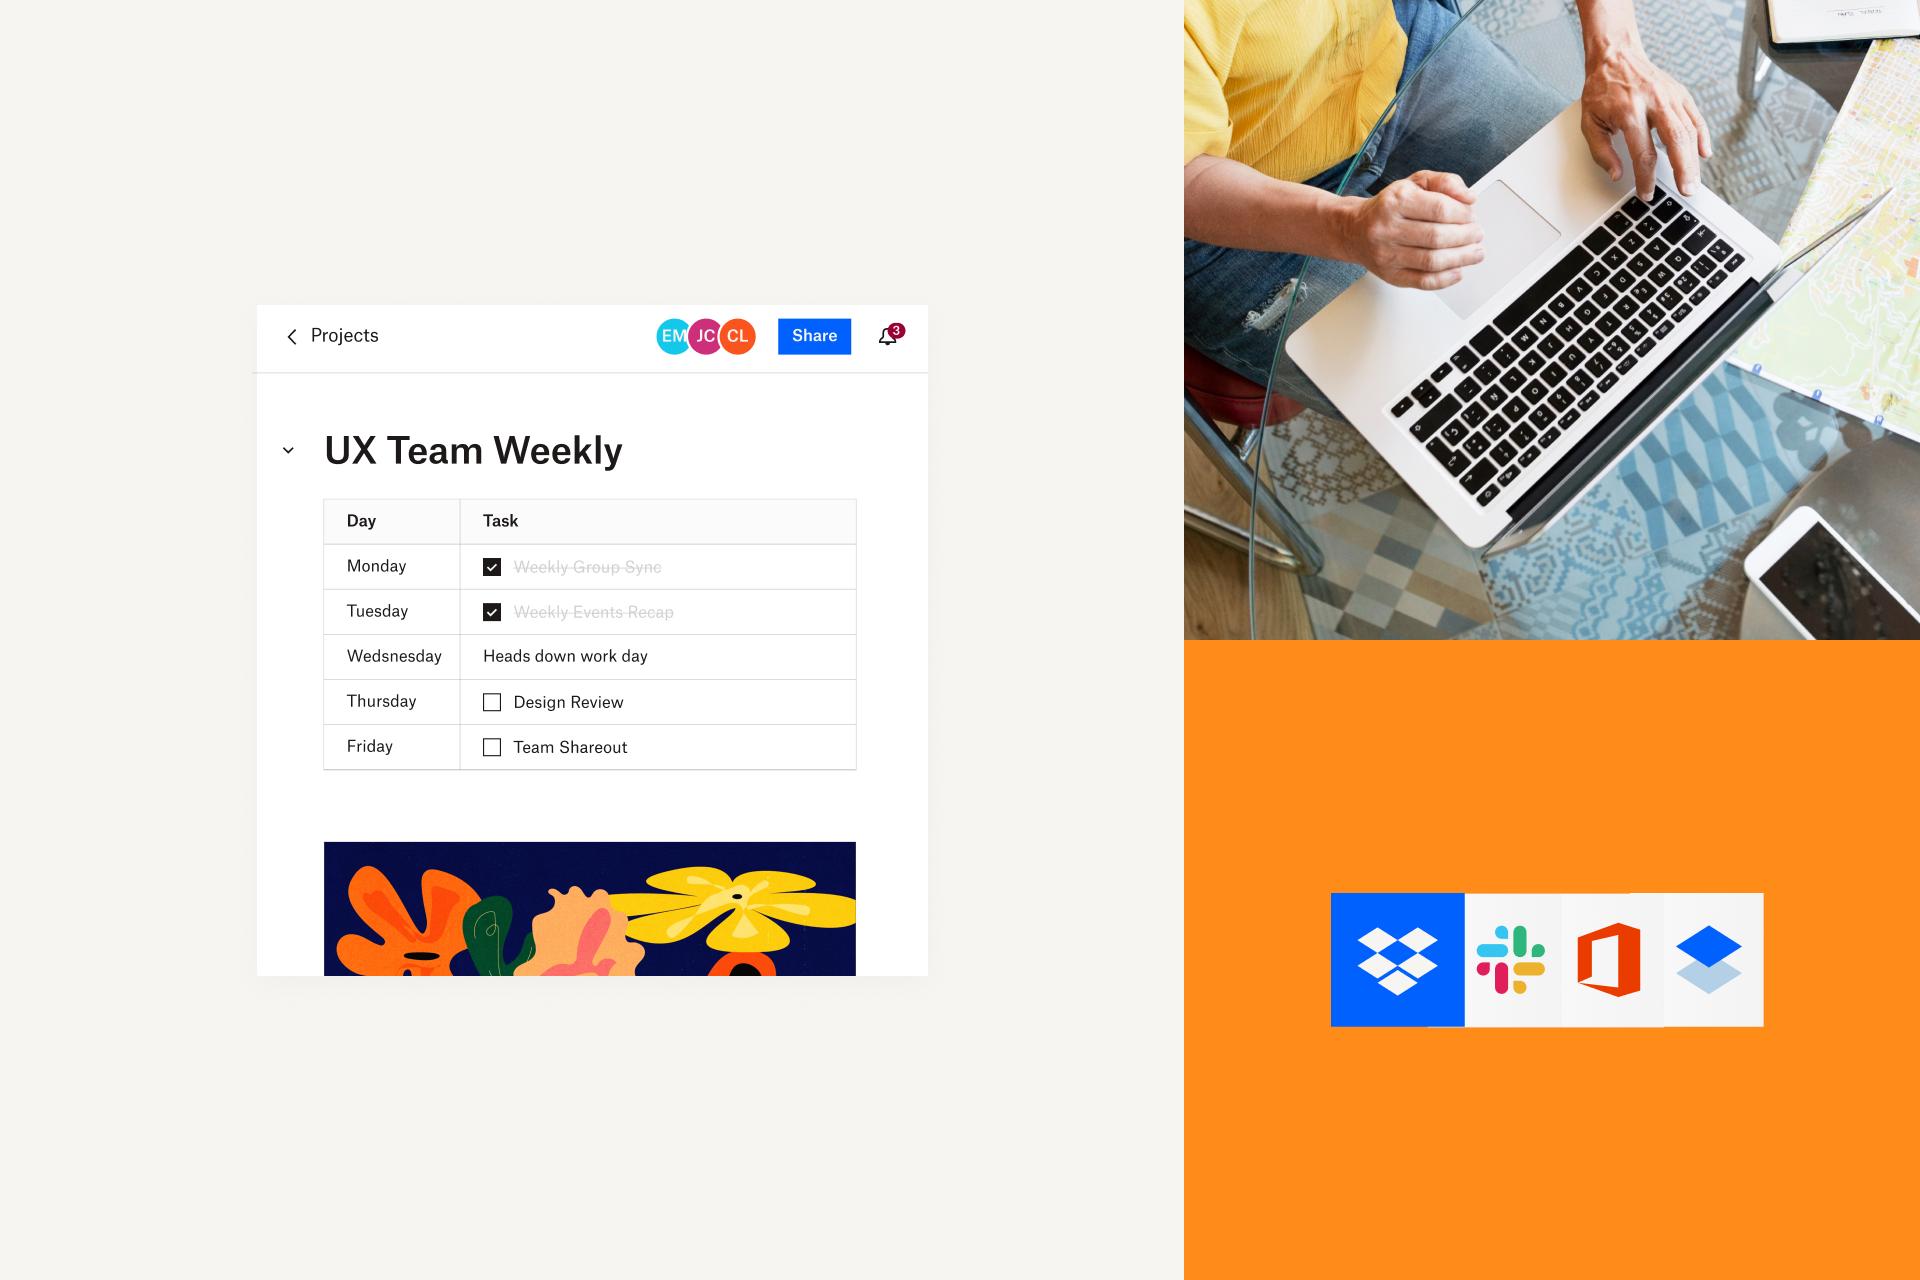 一个通过 Dropbox 共享的项目,其中包含设计审批的活动时间线